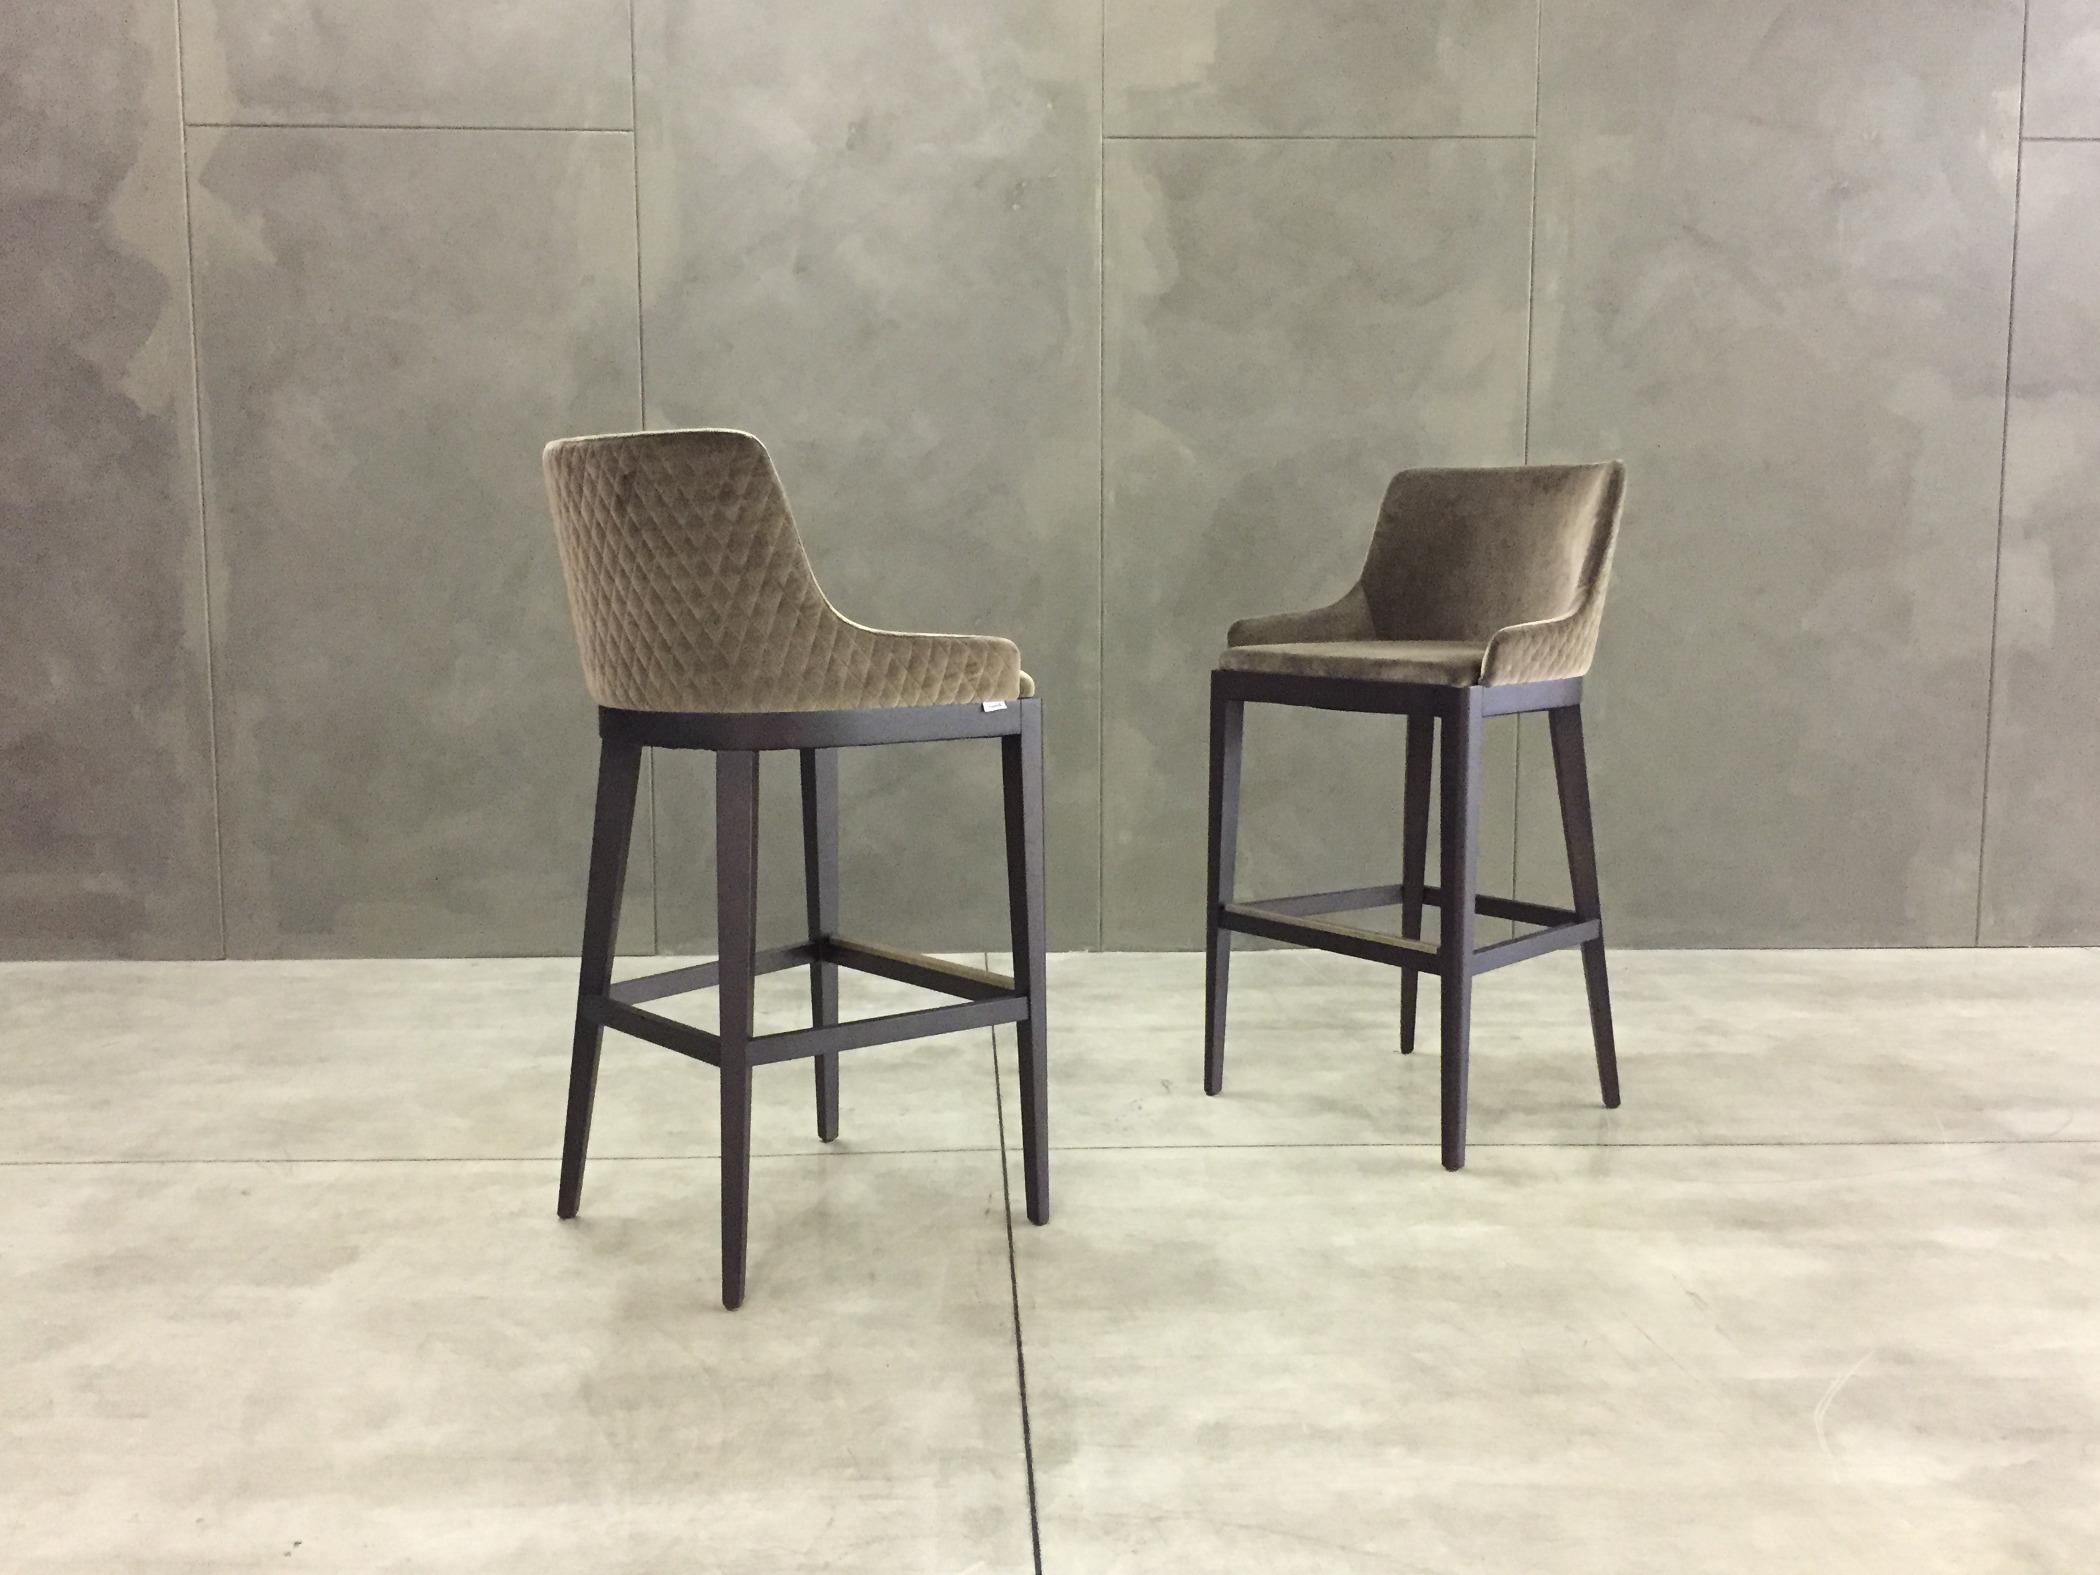 Sgabello contract casa velluto trapuntato nicole nicole stool